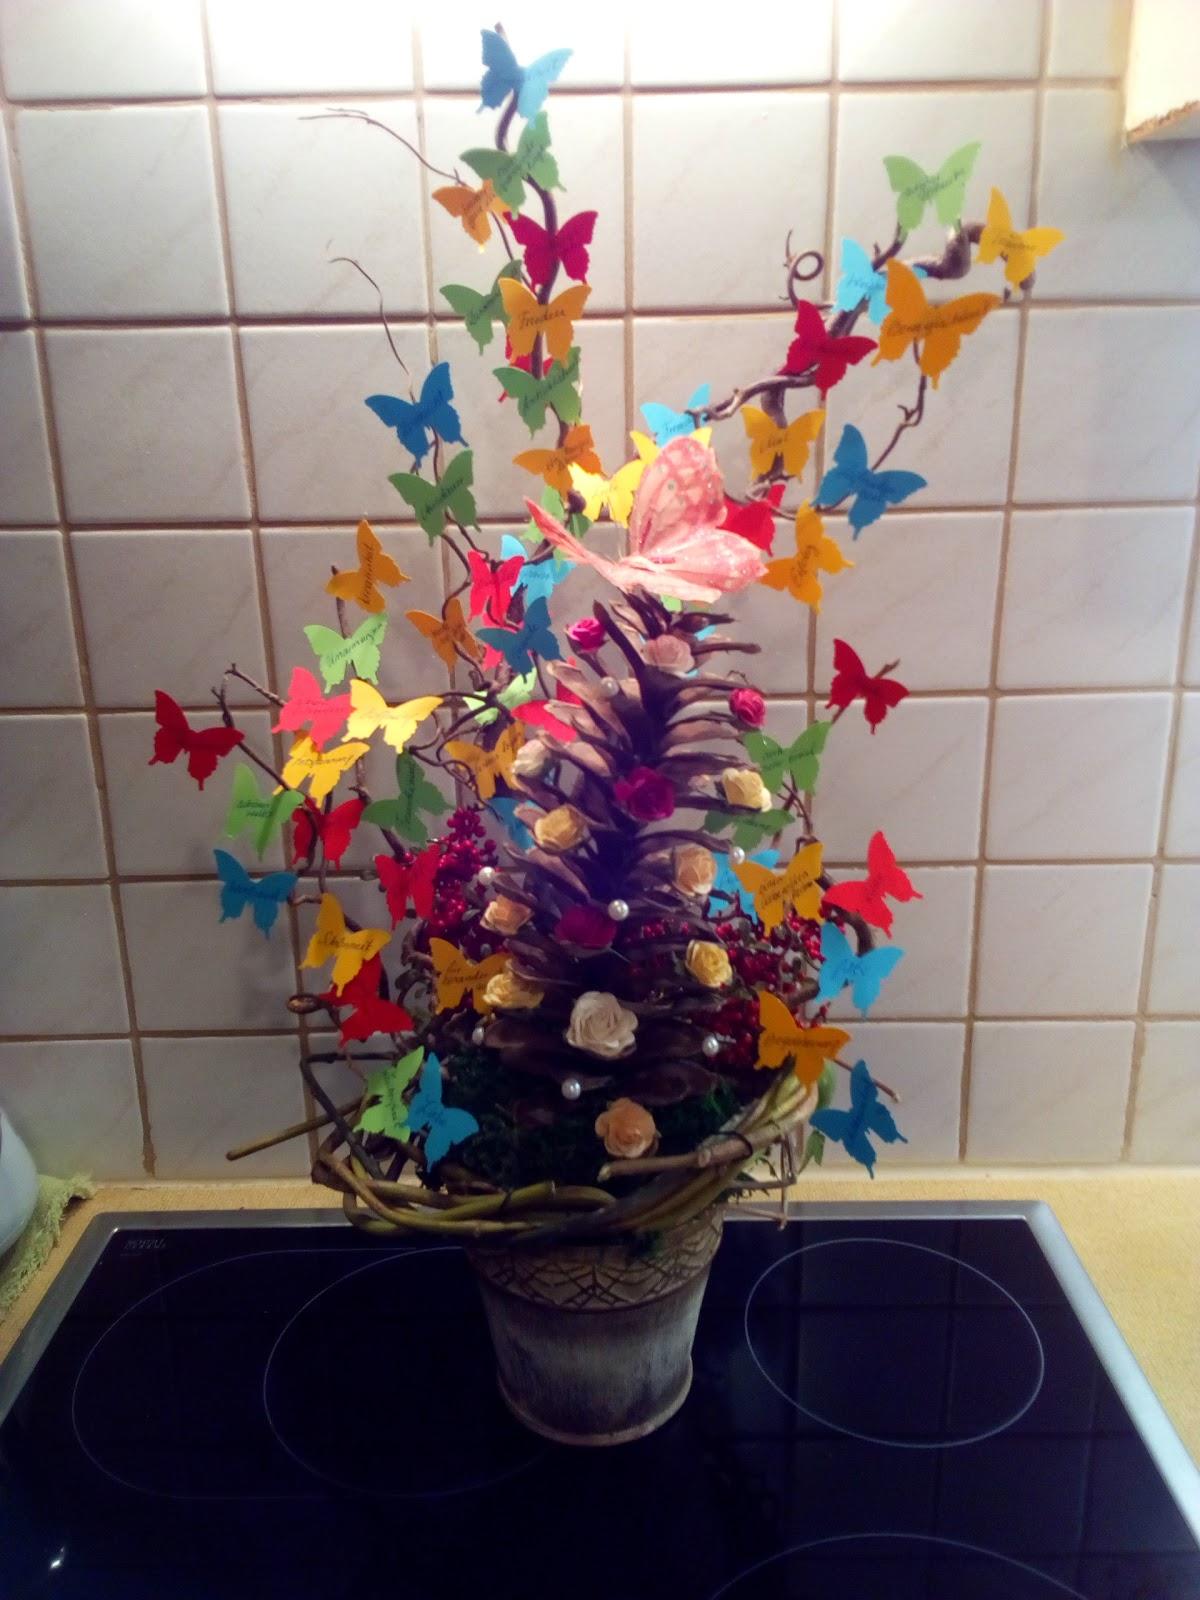 Basteln Und Handarbeiten Ein Geschenk Zum 60 Geburtstag